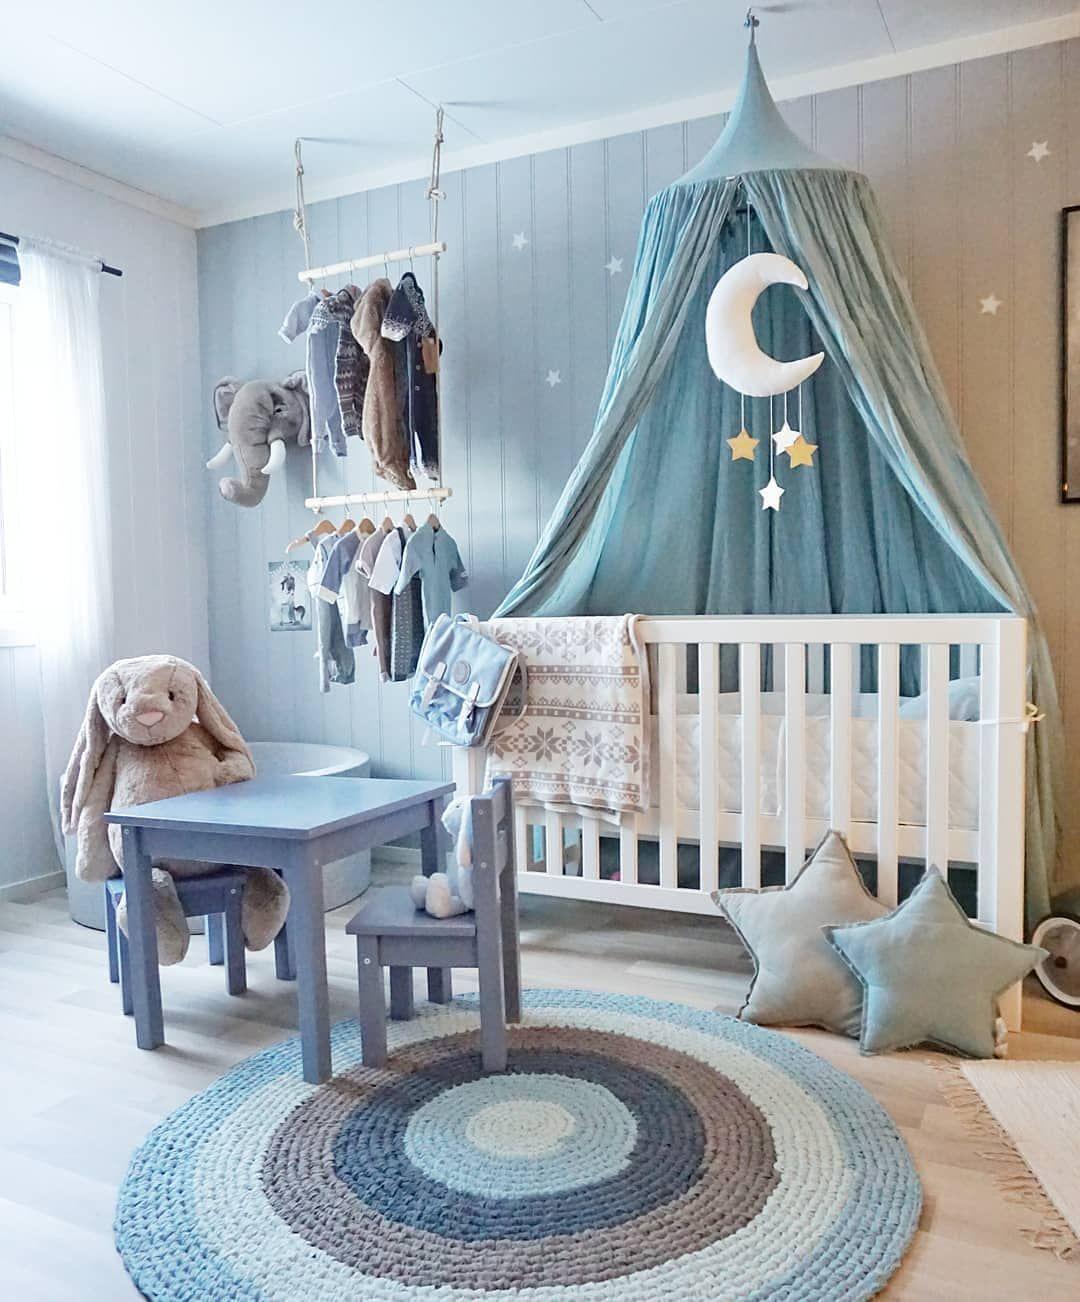 Pin von vic auf kids bedrooms kinderzimmer kinderzimmer ideen und baby kinderzimmer - Baby jungenzimmer ...